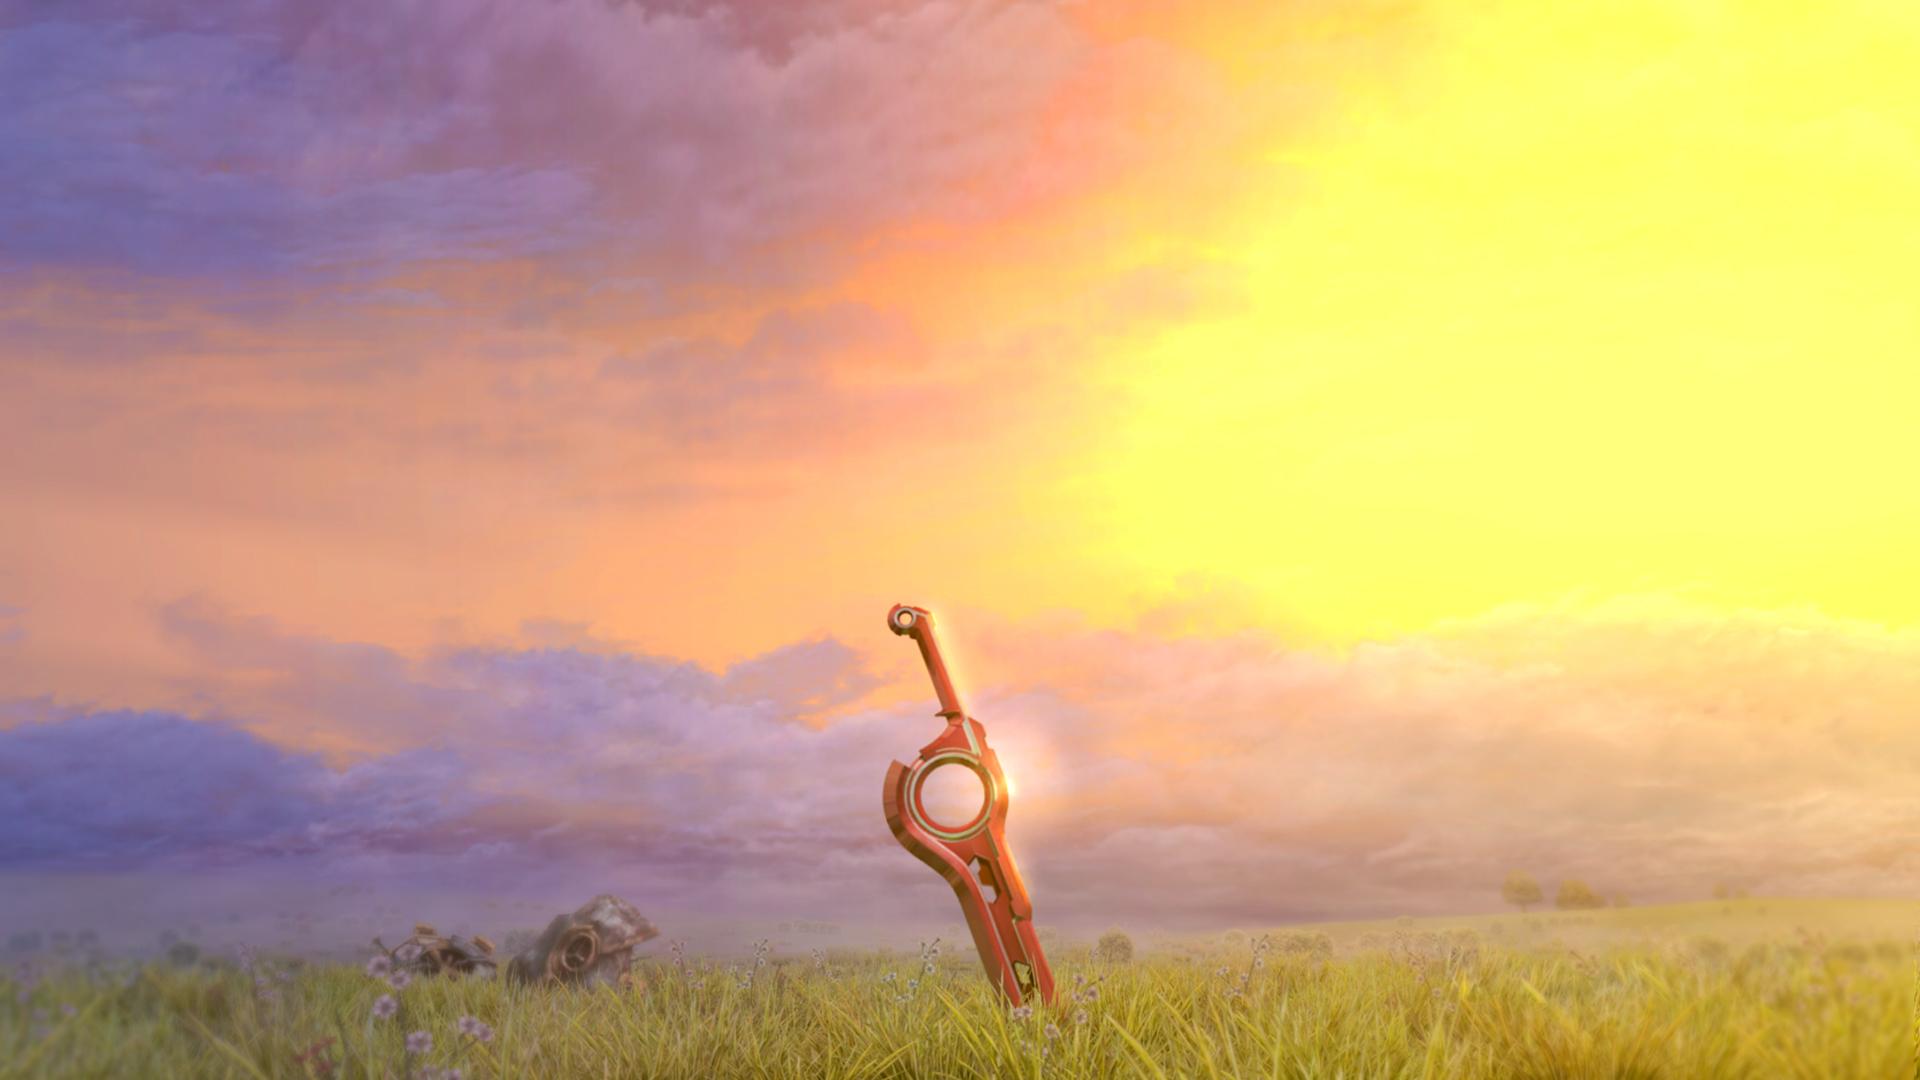 xenoblade_desktop_dusk-dawn